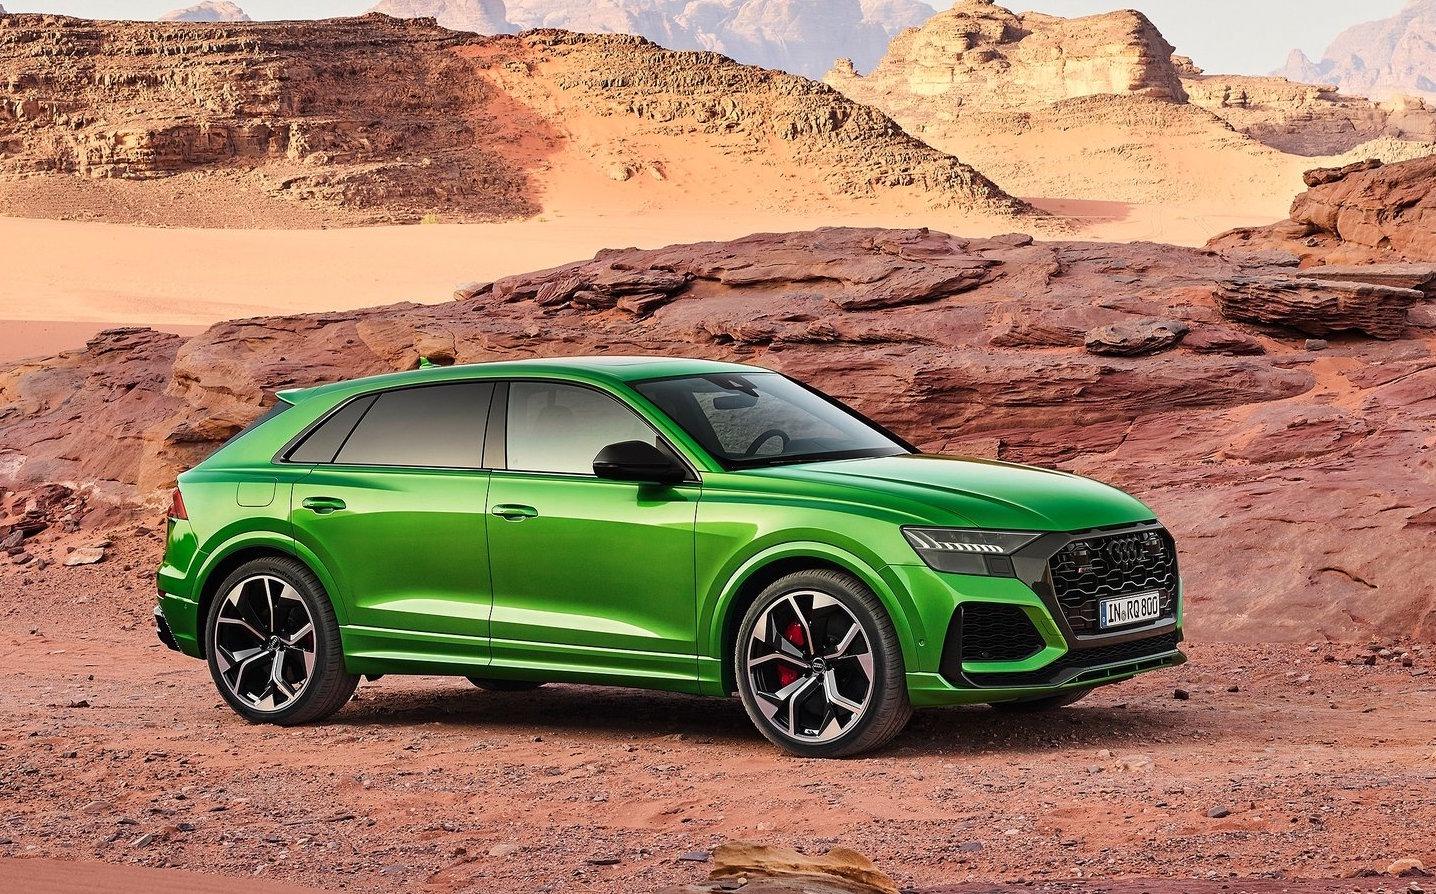 Audi RS Q8 revealed, confirmed for Australia Q3 2020 - PerformanceDrive